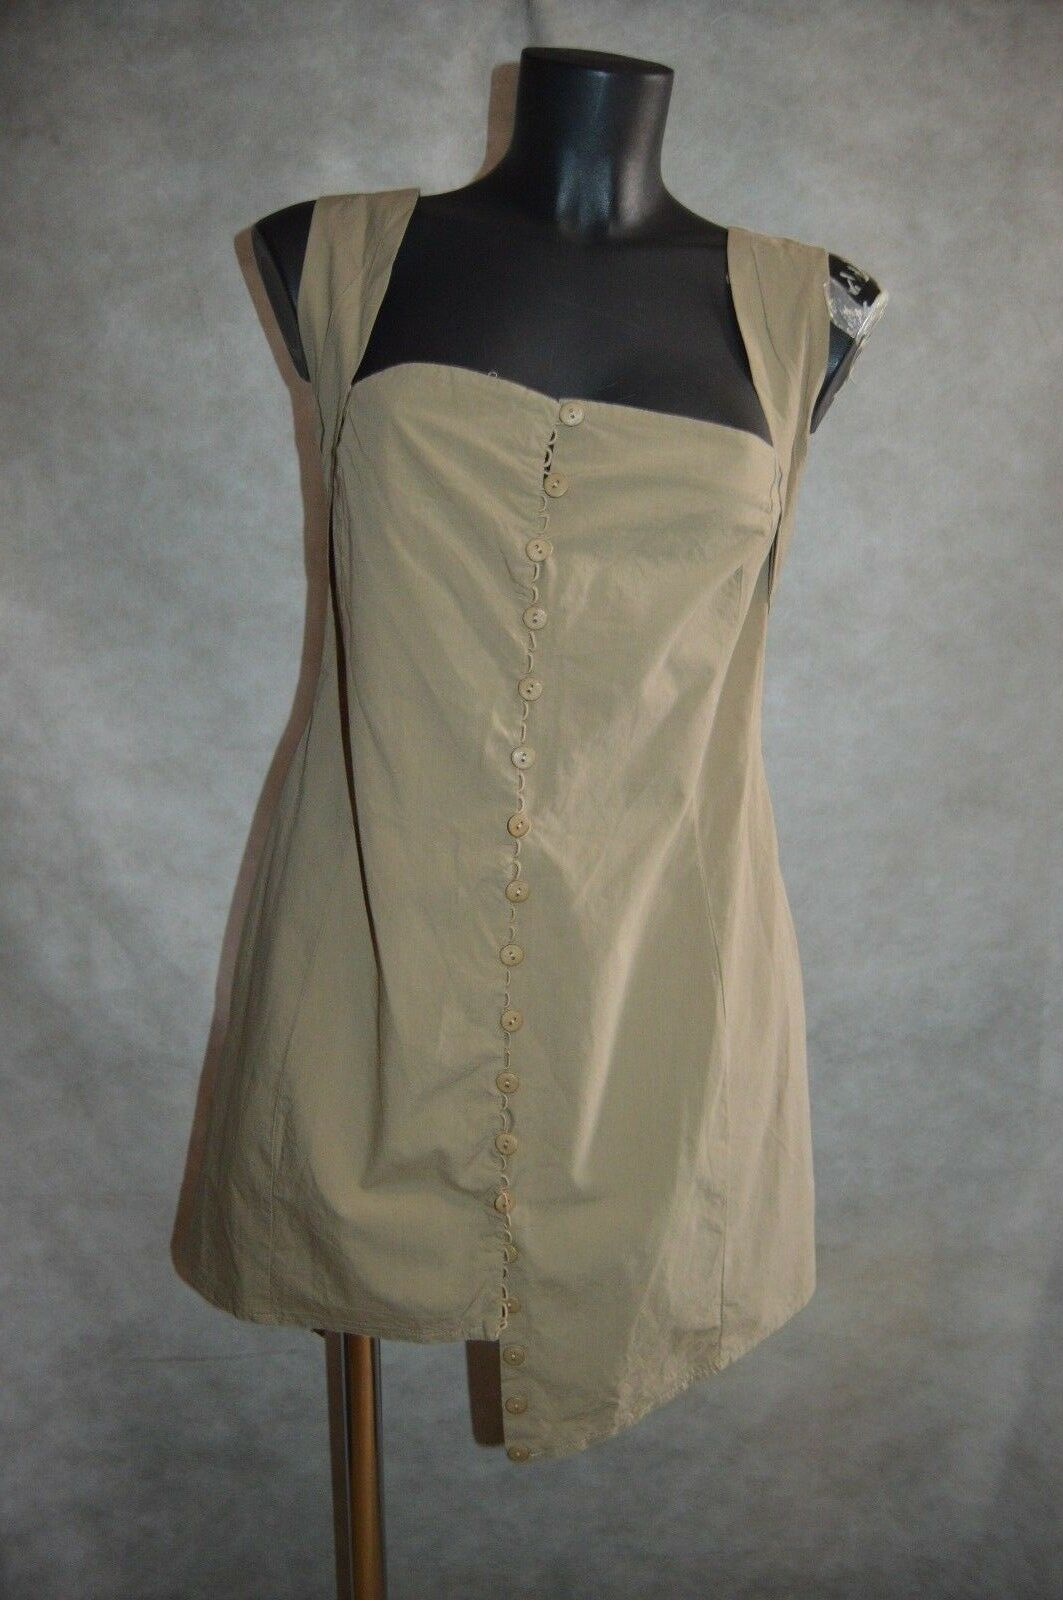 ROBE TUNIQUE CHEMISE  LILLITH size M 38 DRESS KLEID ABITO VESTIDO  TBE